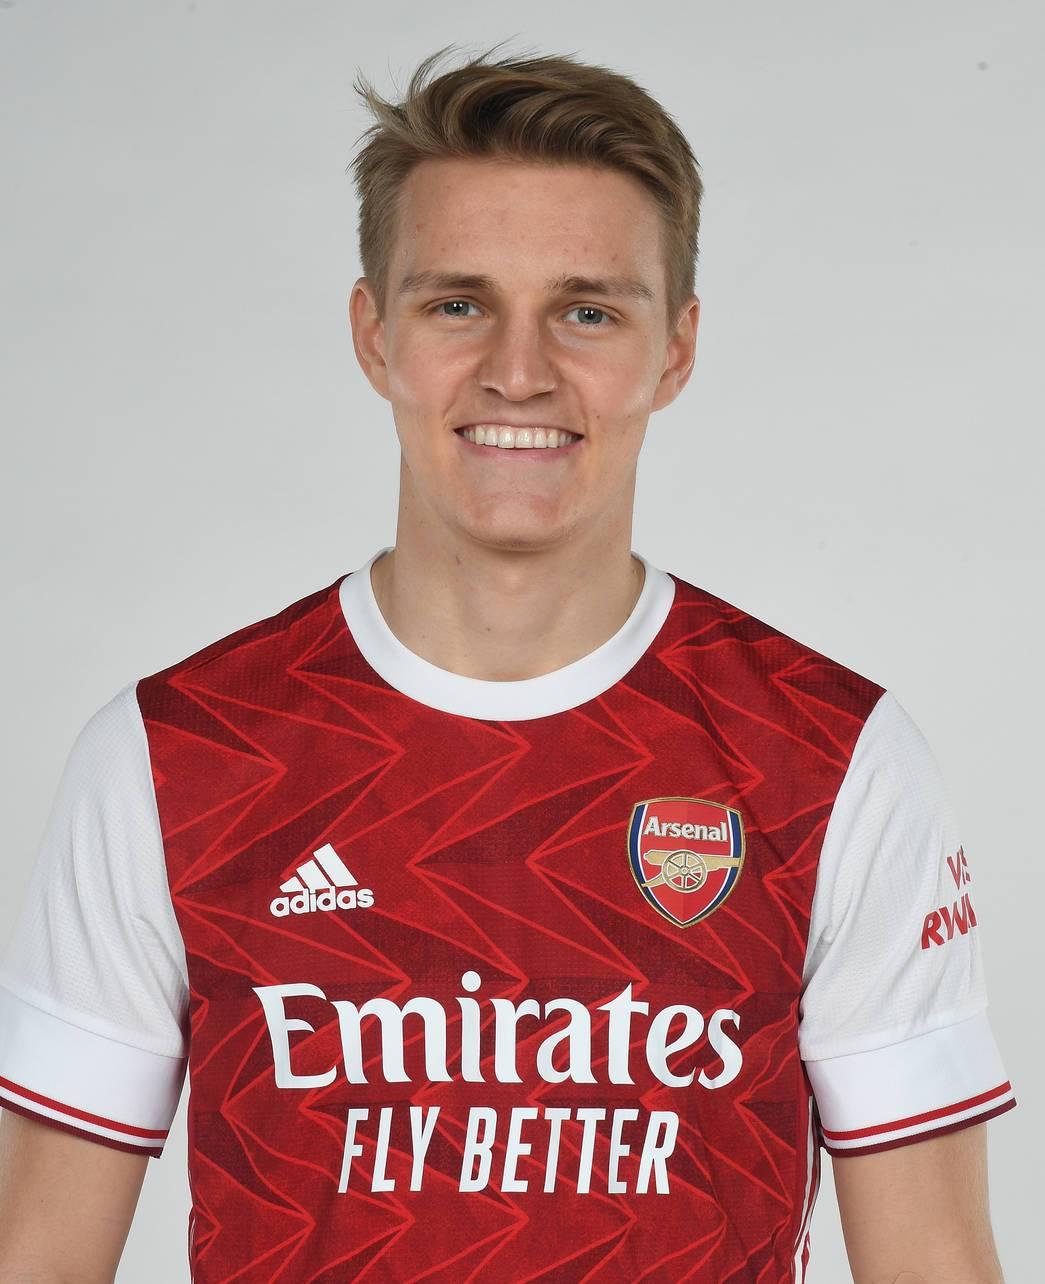 Chùm ảnh Martin Odegaard ra mắt Arsenal - Bóng Đá